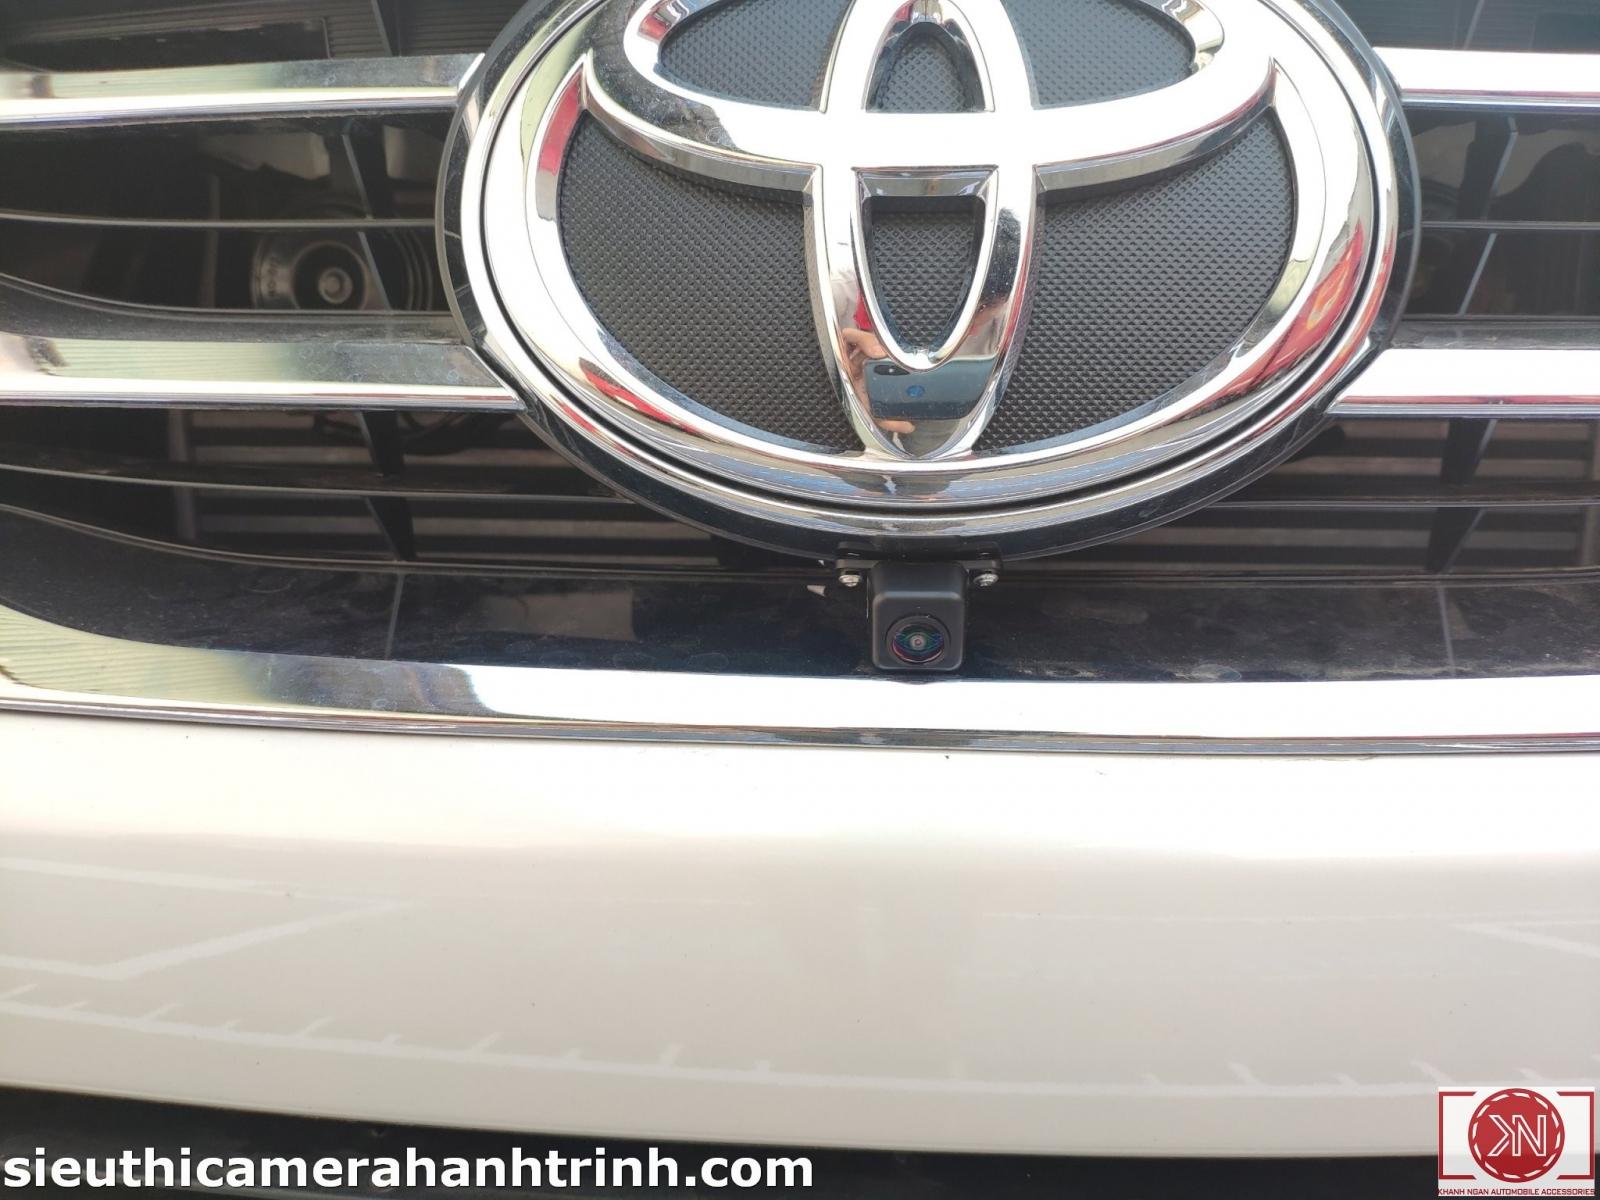 Toyota-Fotuner-trang-AVM220_2